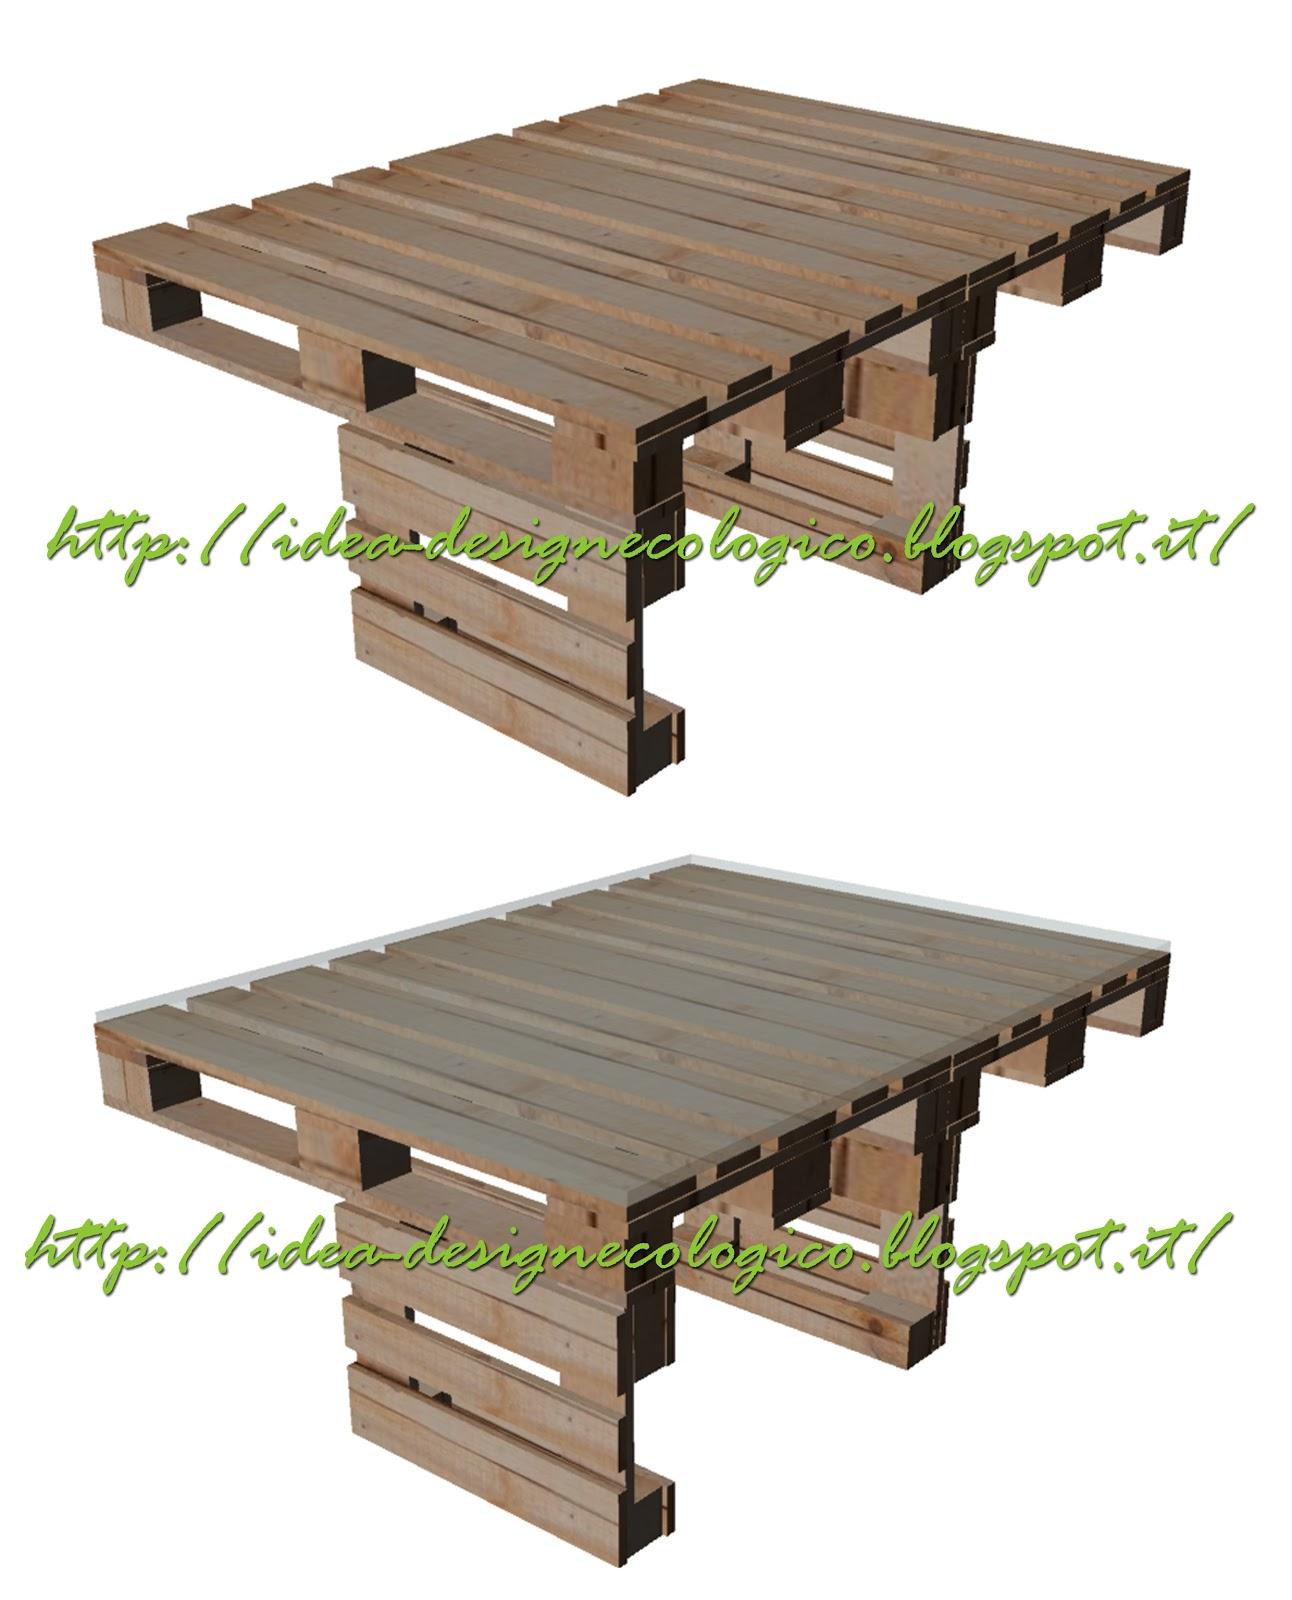 Divano per esterni e tavolo fatto con con pallet mobili - Tavoli fatti con bancali ...